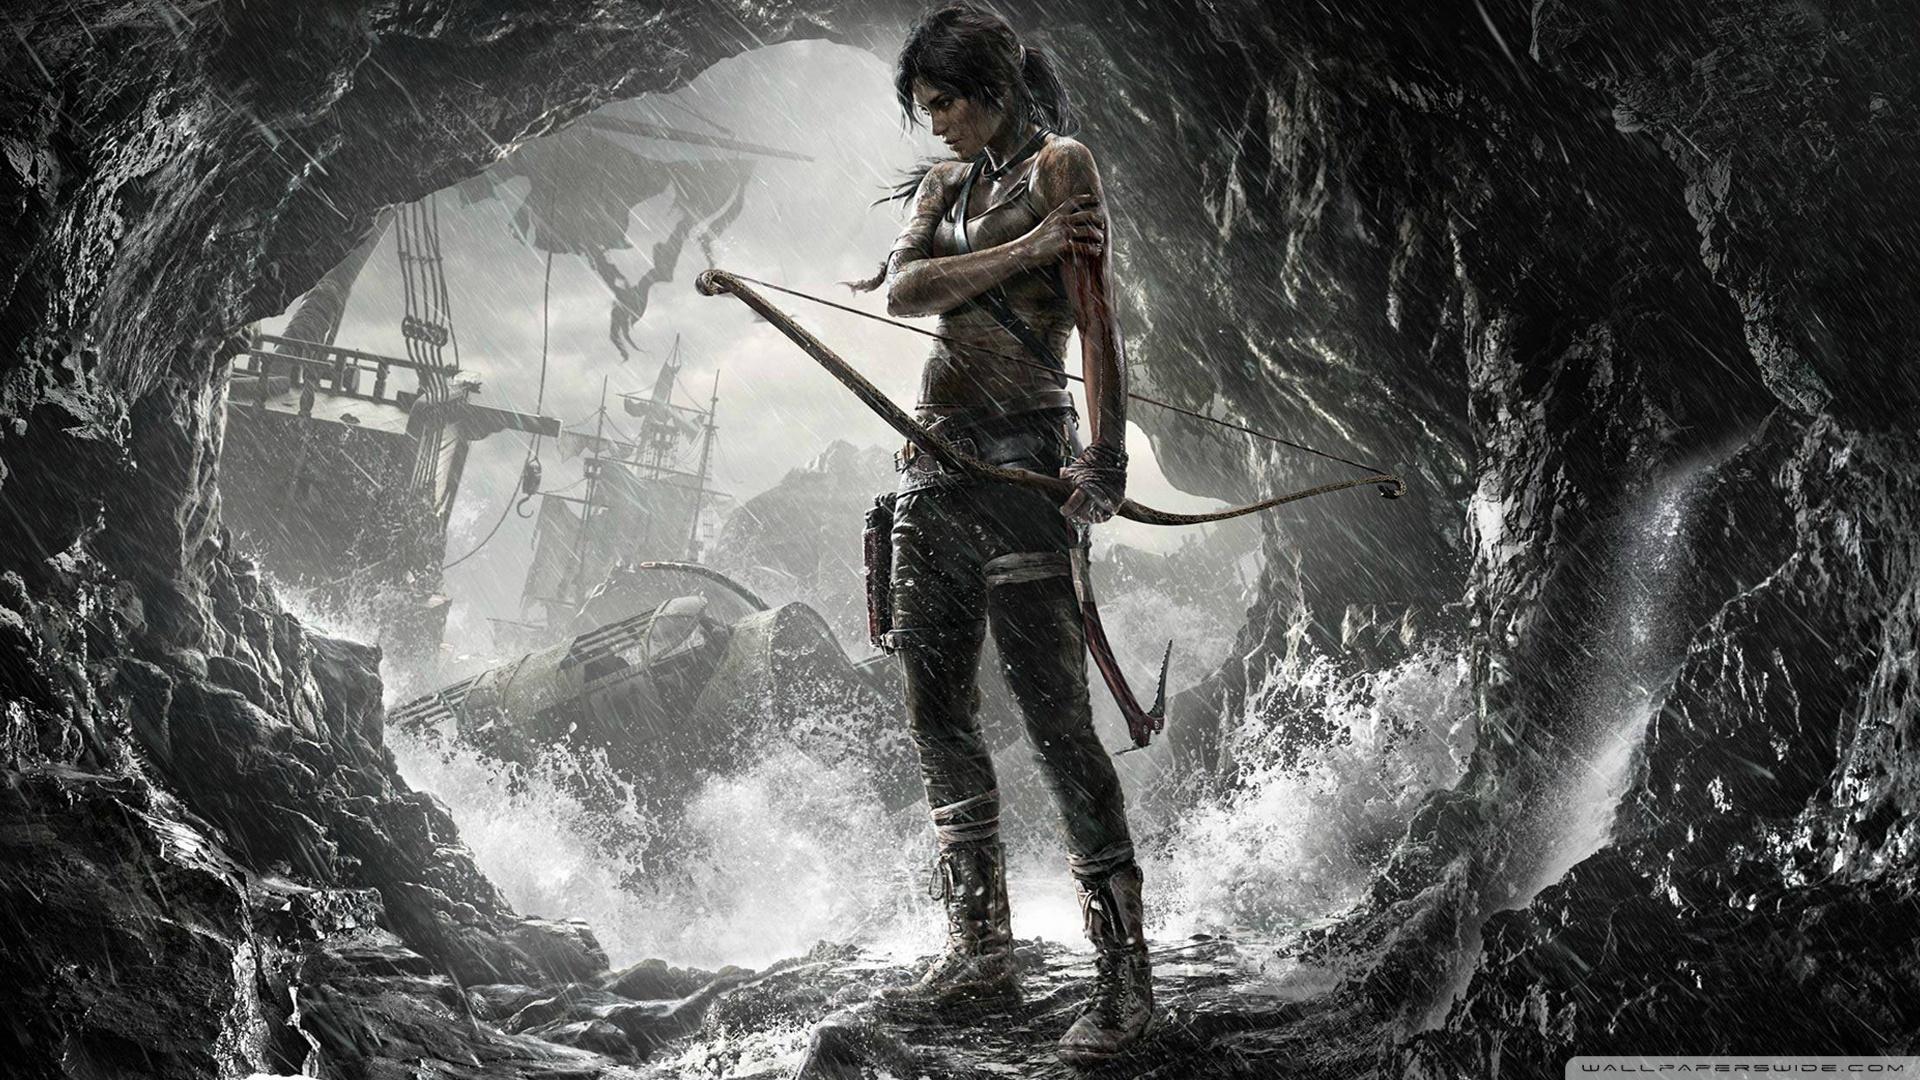 Tomb Raider 2015 Wallpaper 1920x1080 Tomb Raider 2015 1920x1080